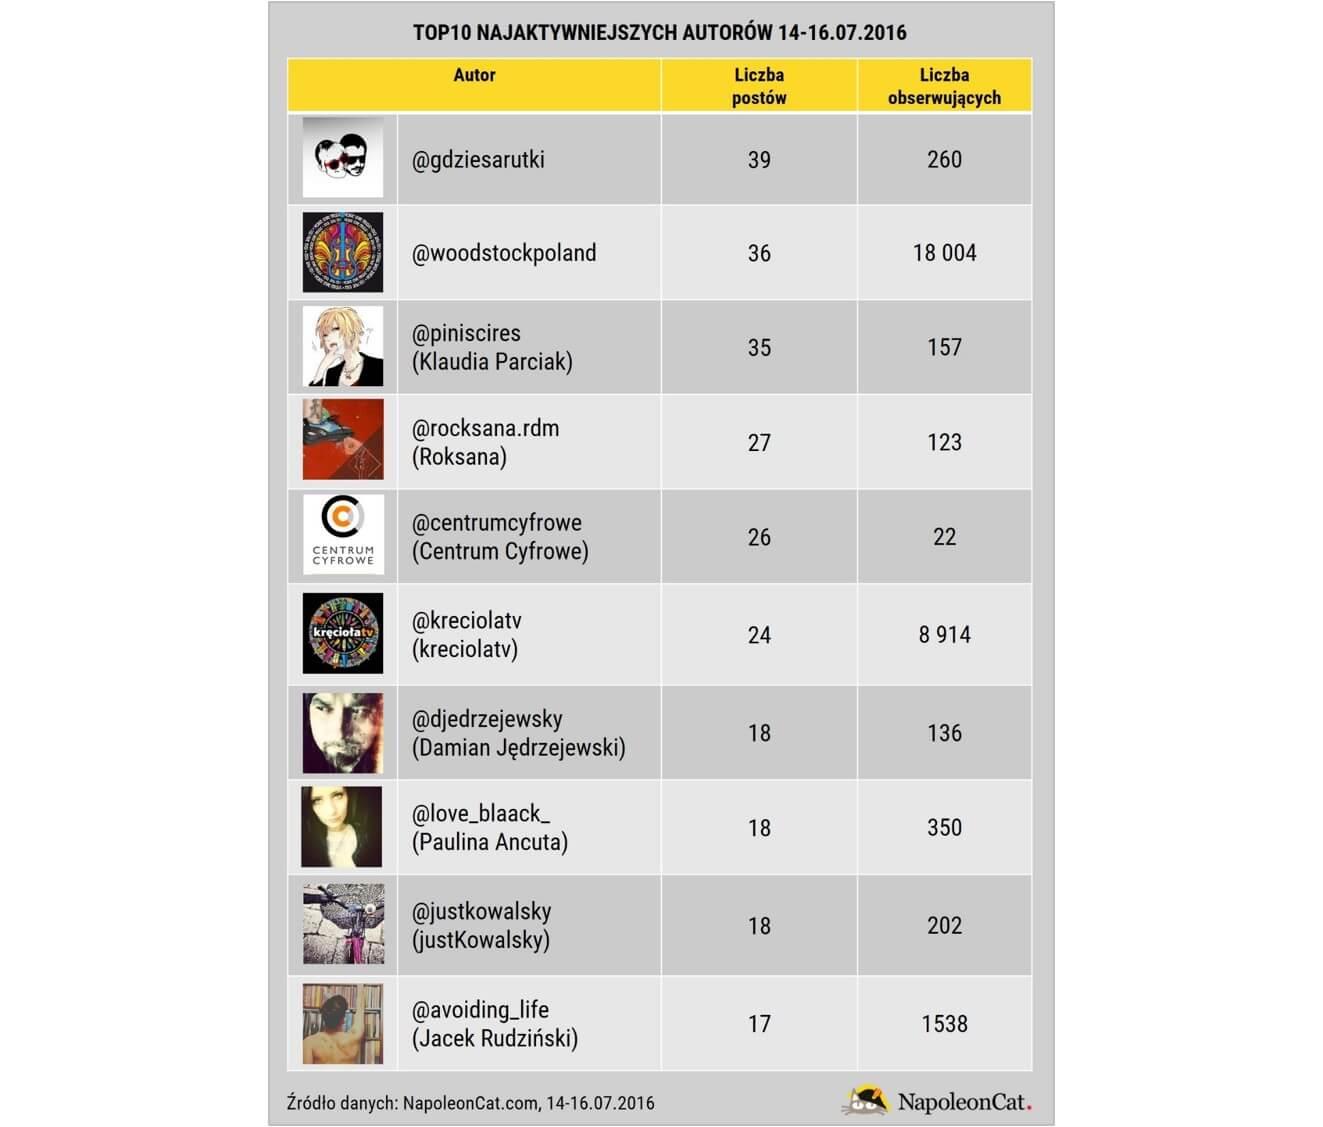 Woodstock na Instagramie_top10 najaktywniejszych autorow_14-16.07.2016_NapoleonCat.com